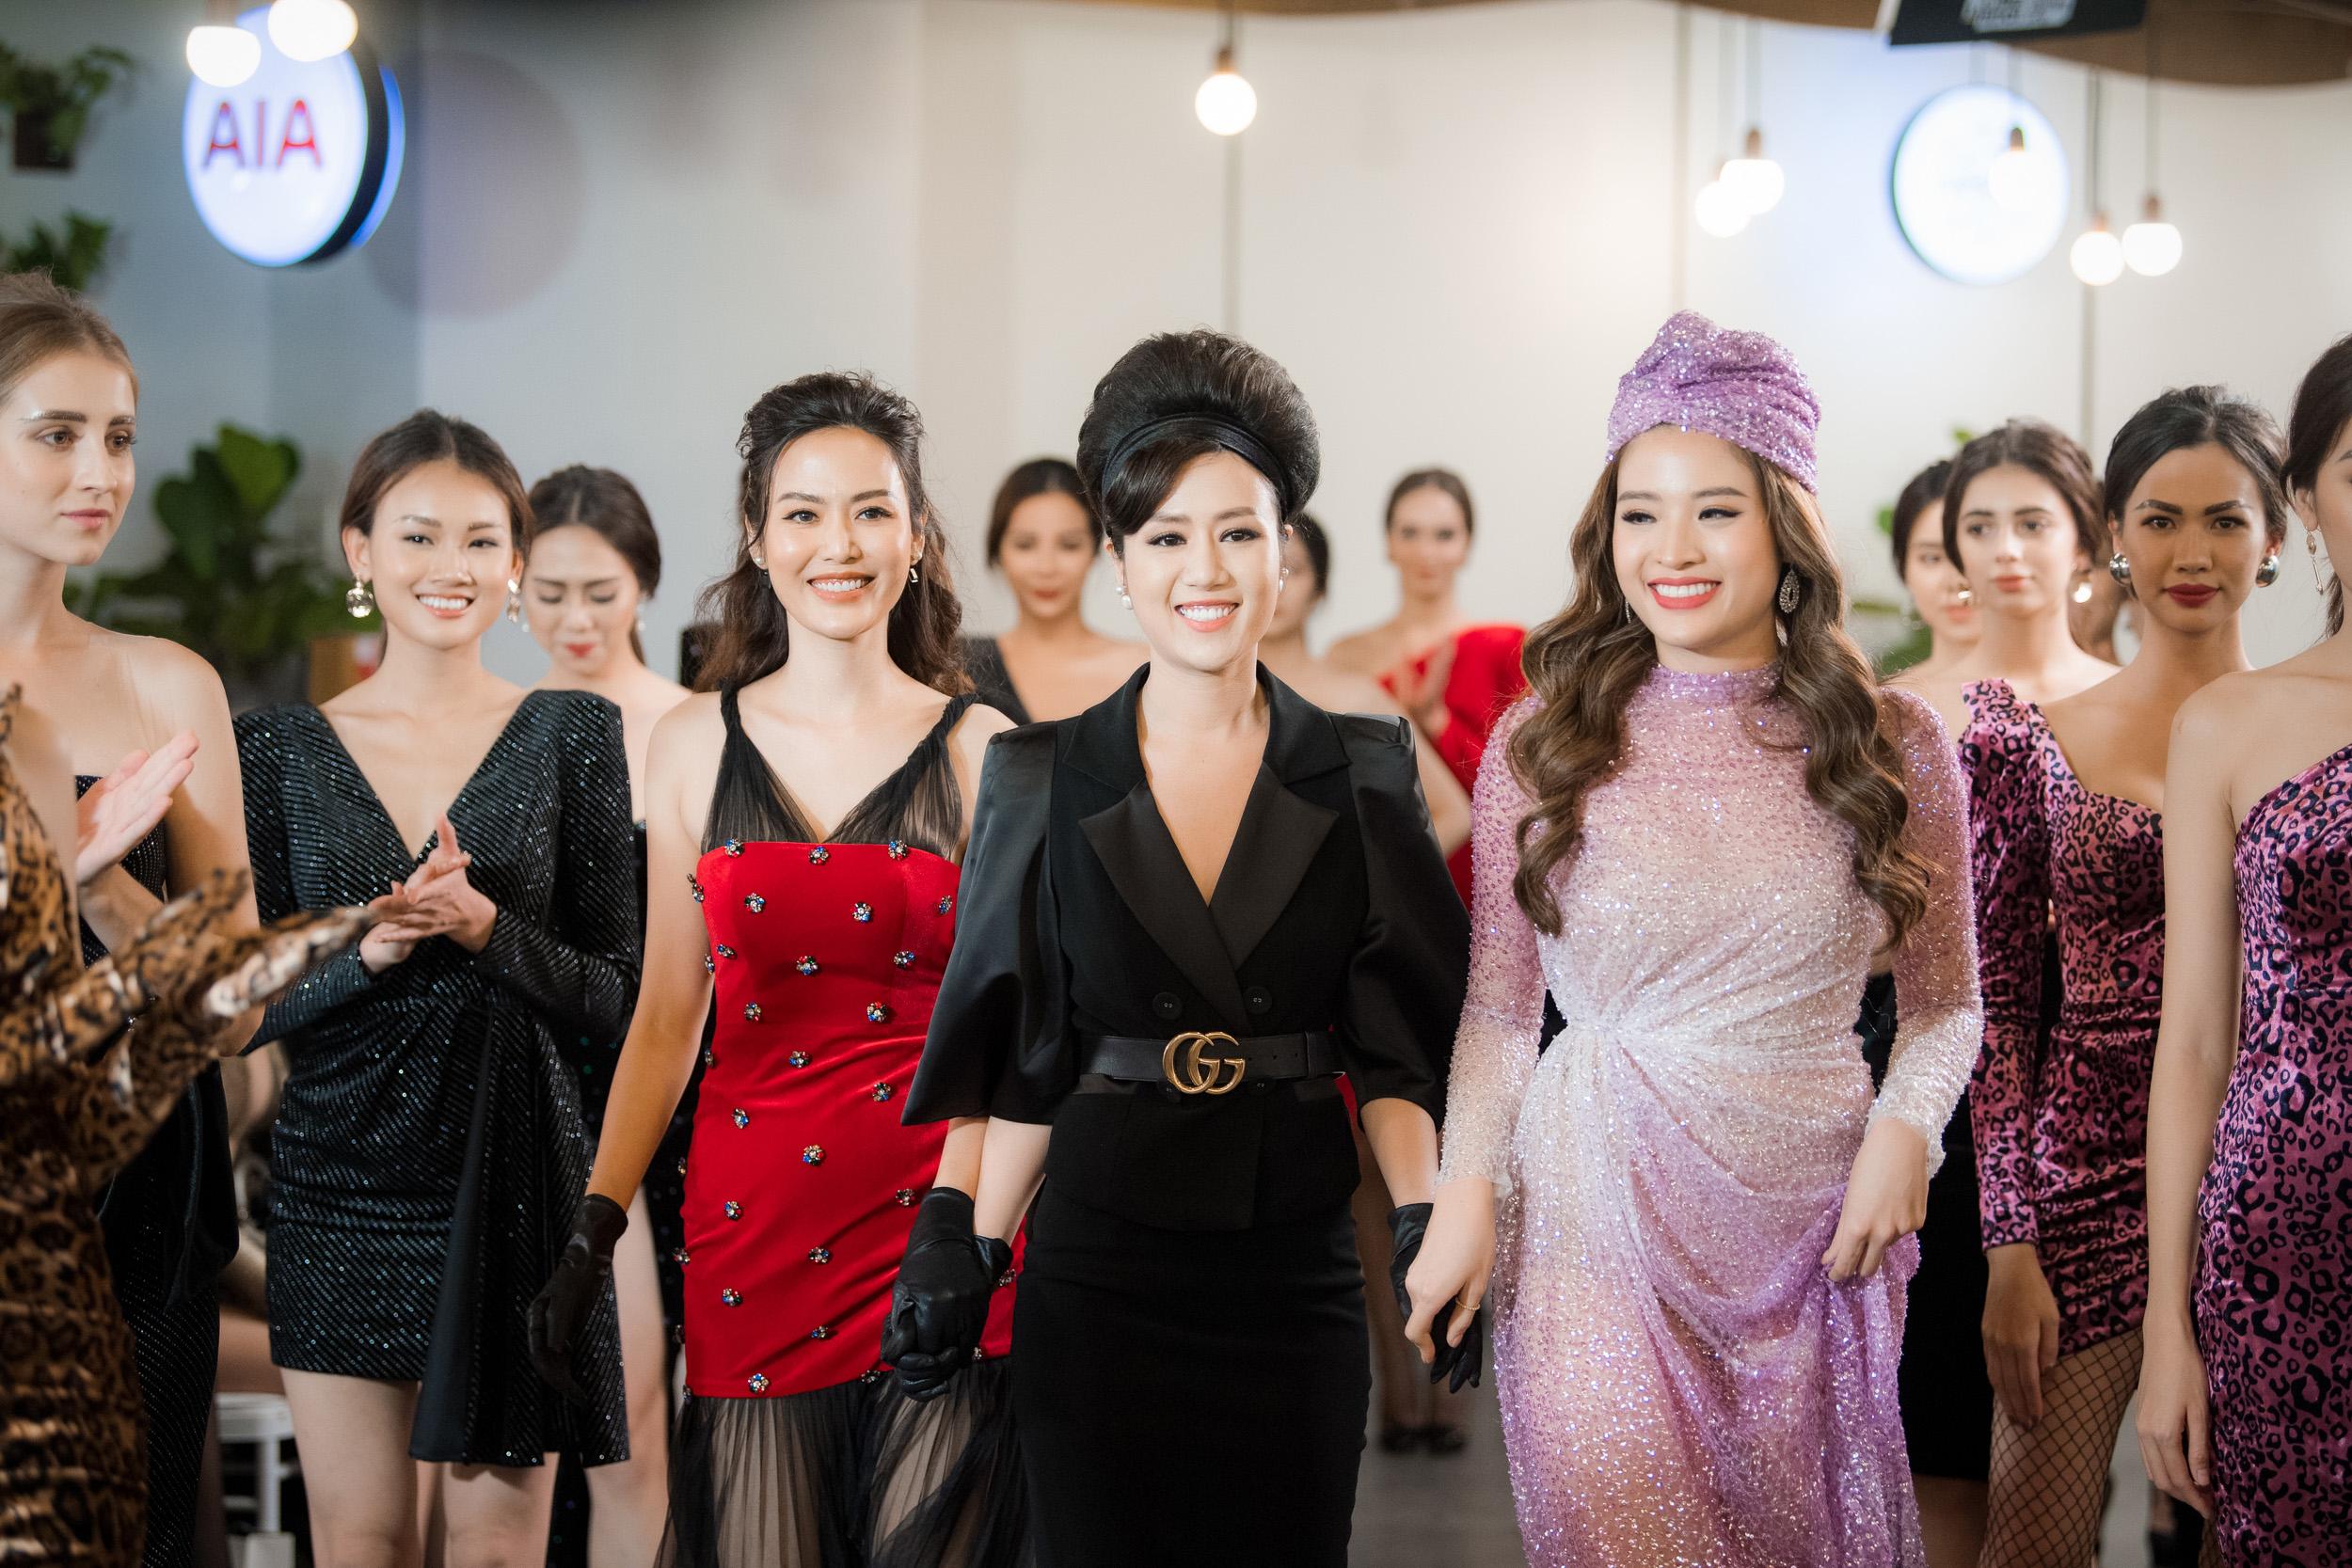 """Bộ sưu tập dạ hội mới nhất mà NTK Linh Nguyễn có tên gọi """"A Star is born"""". Sử dụng các chất liệu cao cấp như: Tơ lụa, satin, organza… pha trộn đầy ngầu hứng để tạo nên những thiết kế rực rỡ, quyến rũ, thanh lịch, nhà thiết kế mong rằng bộ sưu tập sẽ khiến những cô gái trở thành ngôi sao rực rỡ, quyến rũ với người đối diện."""